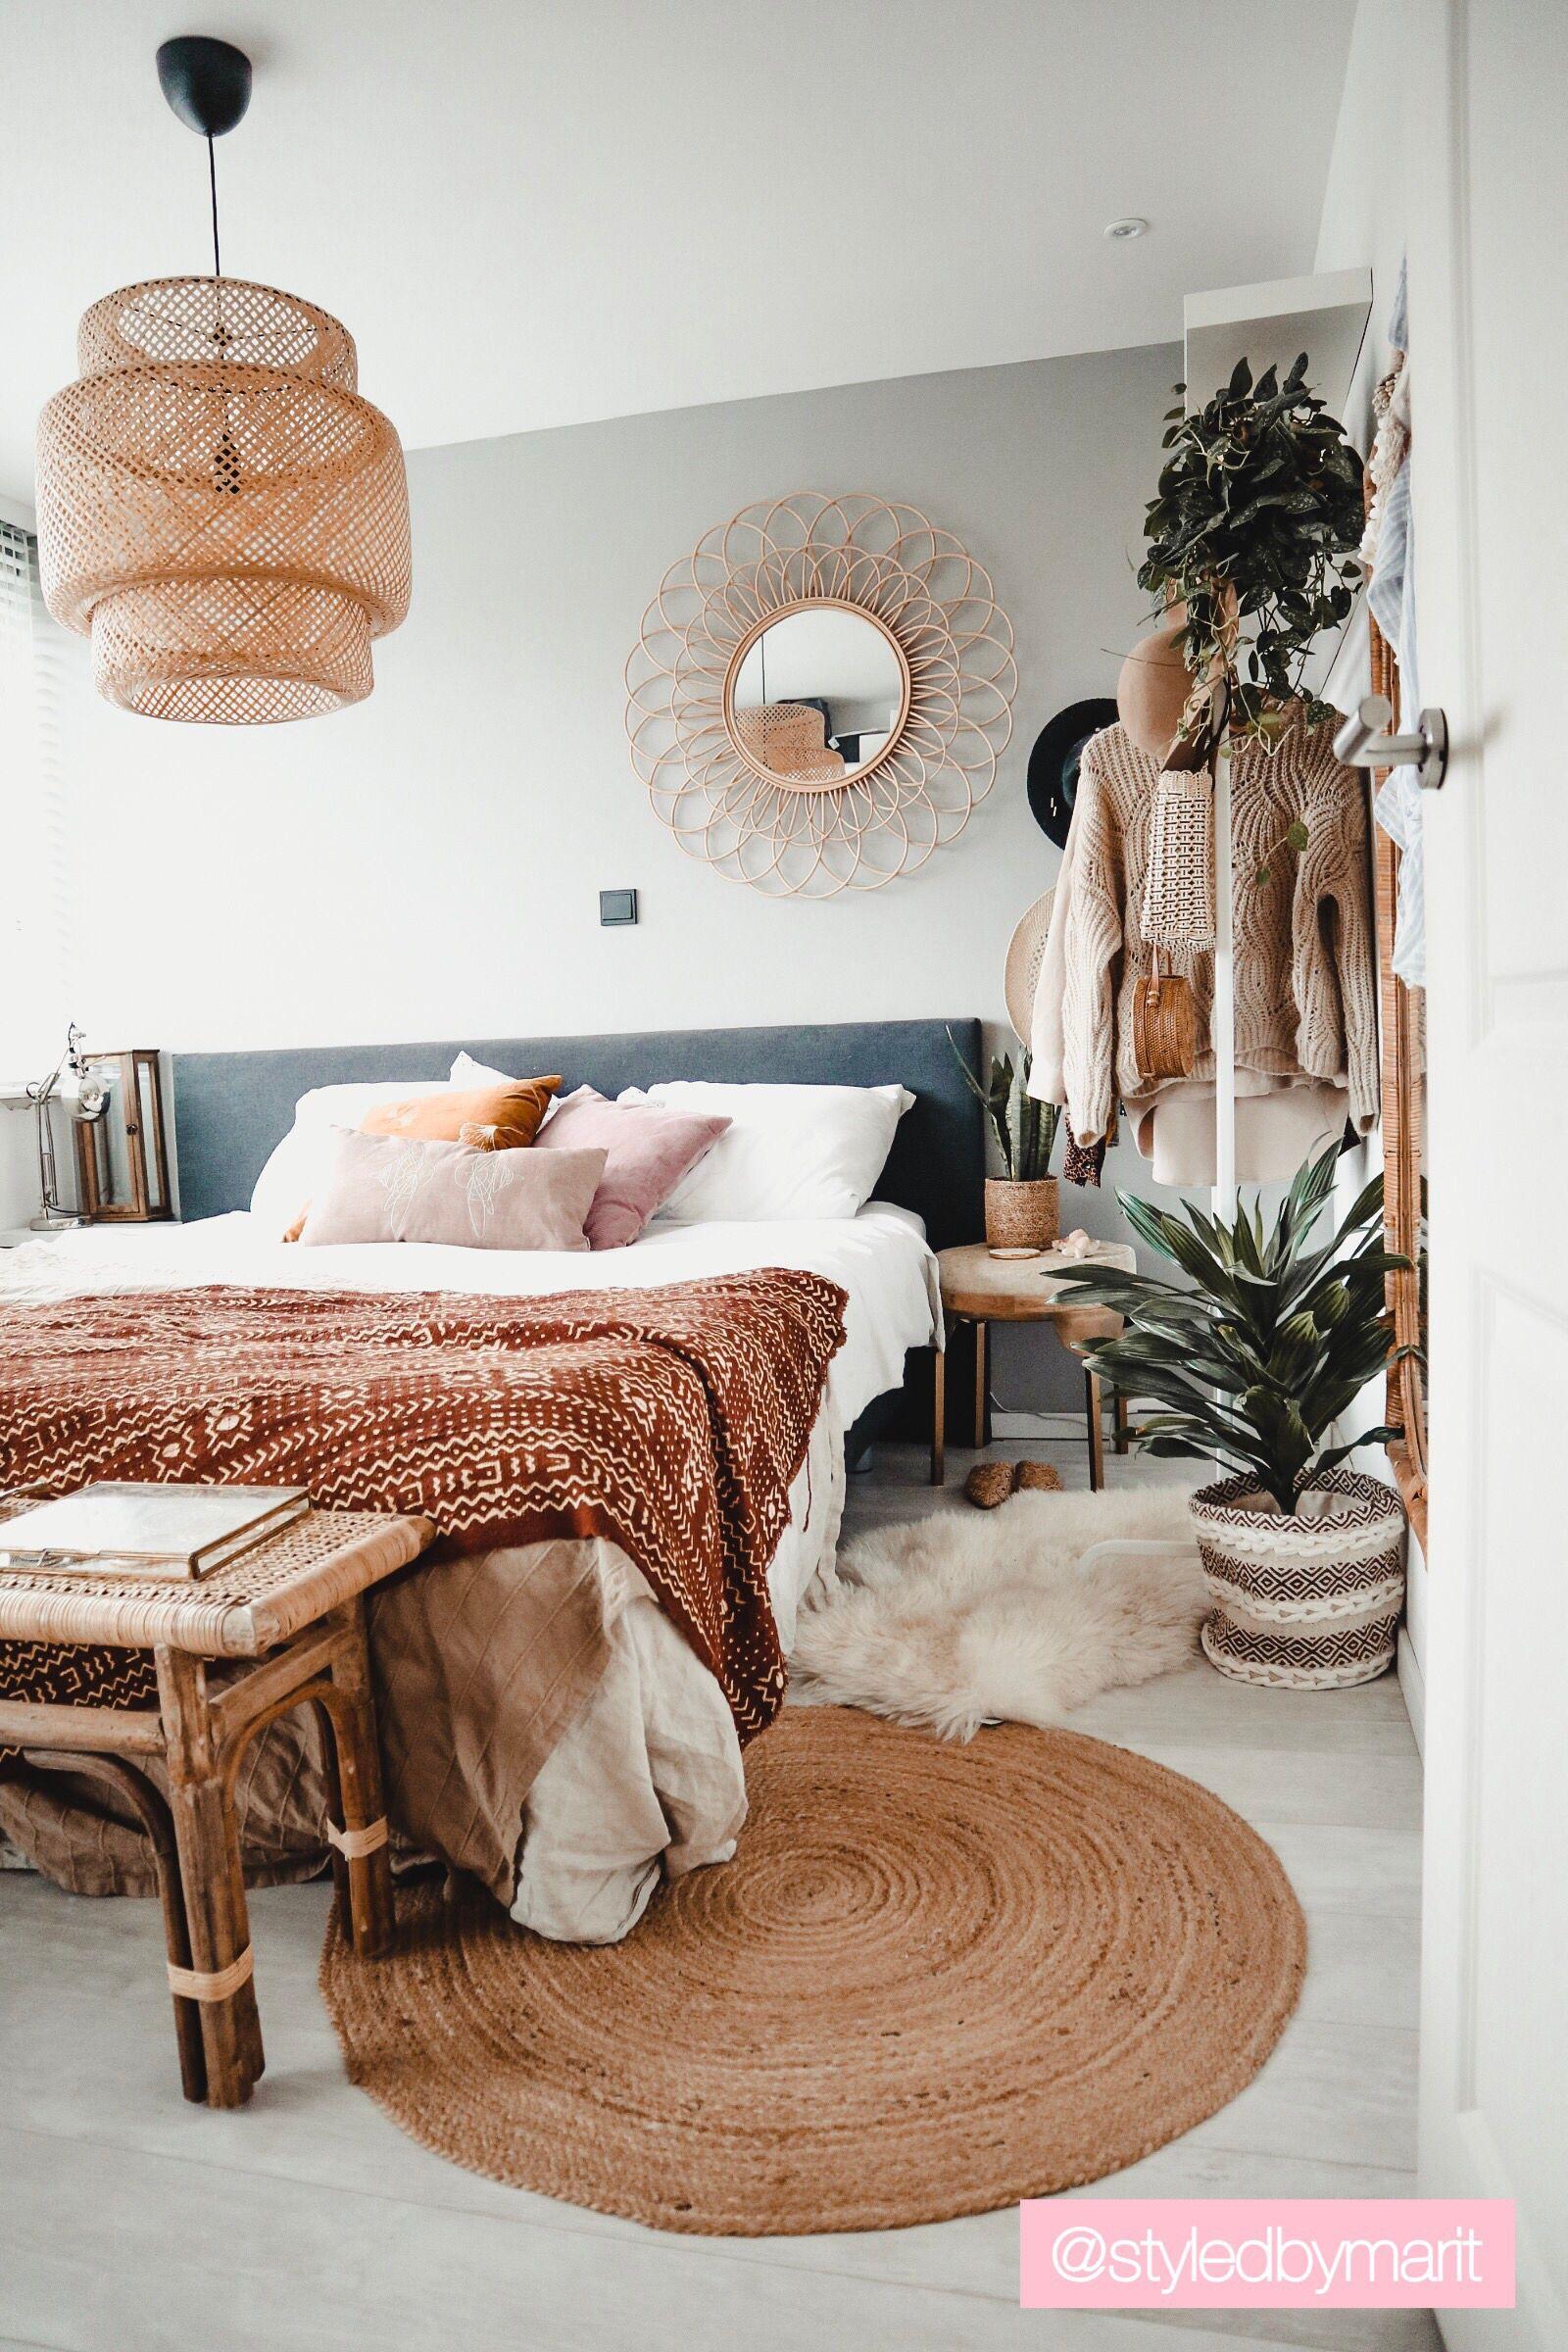 Deco Chambre A Coucher binnenkijker interieur slaapkamer - bedroom inspo en 2019